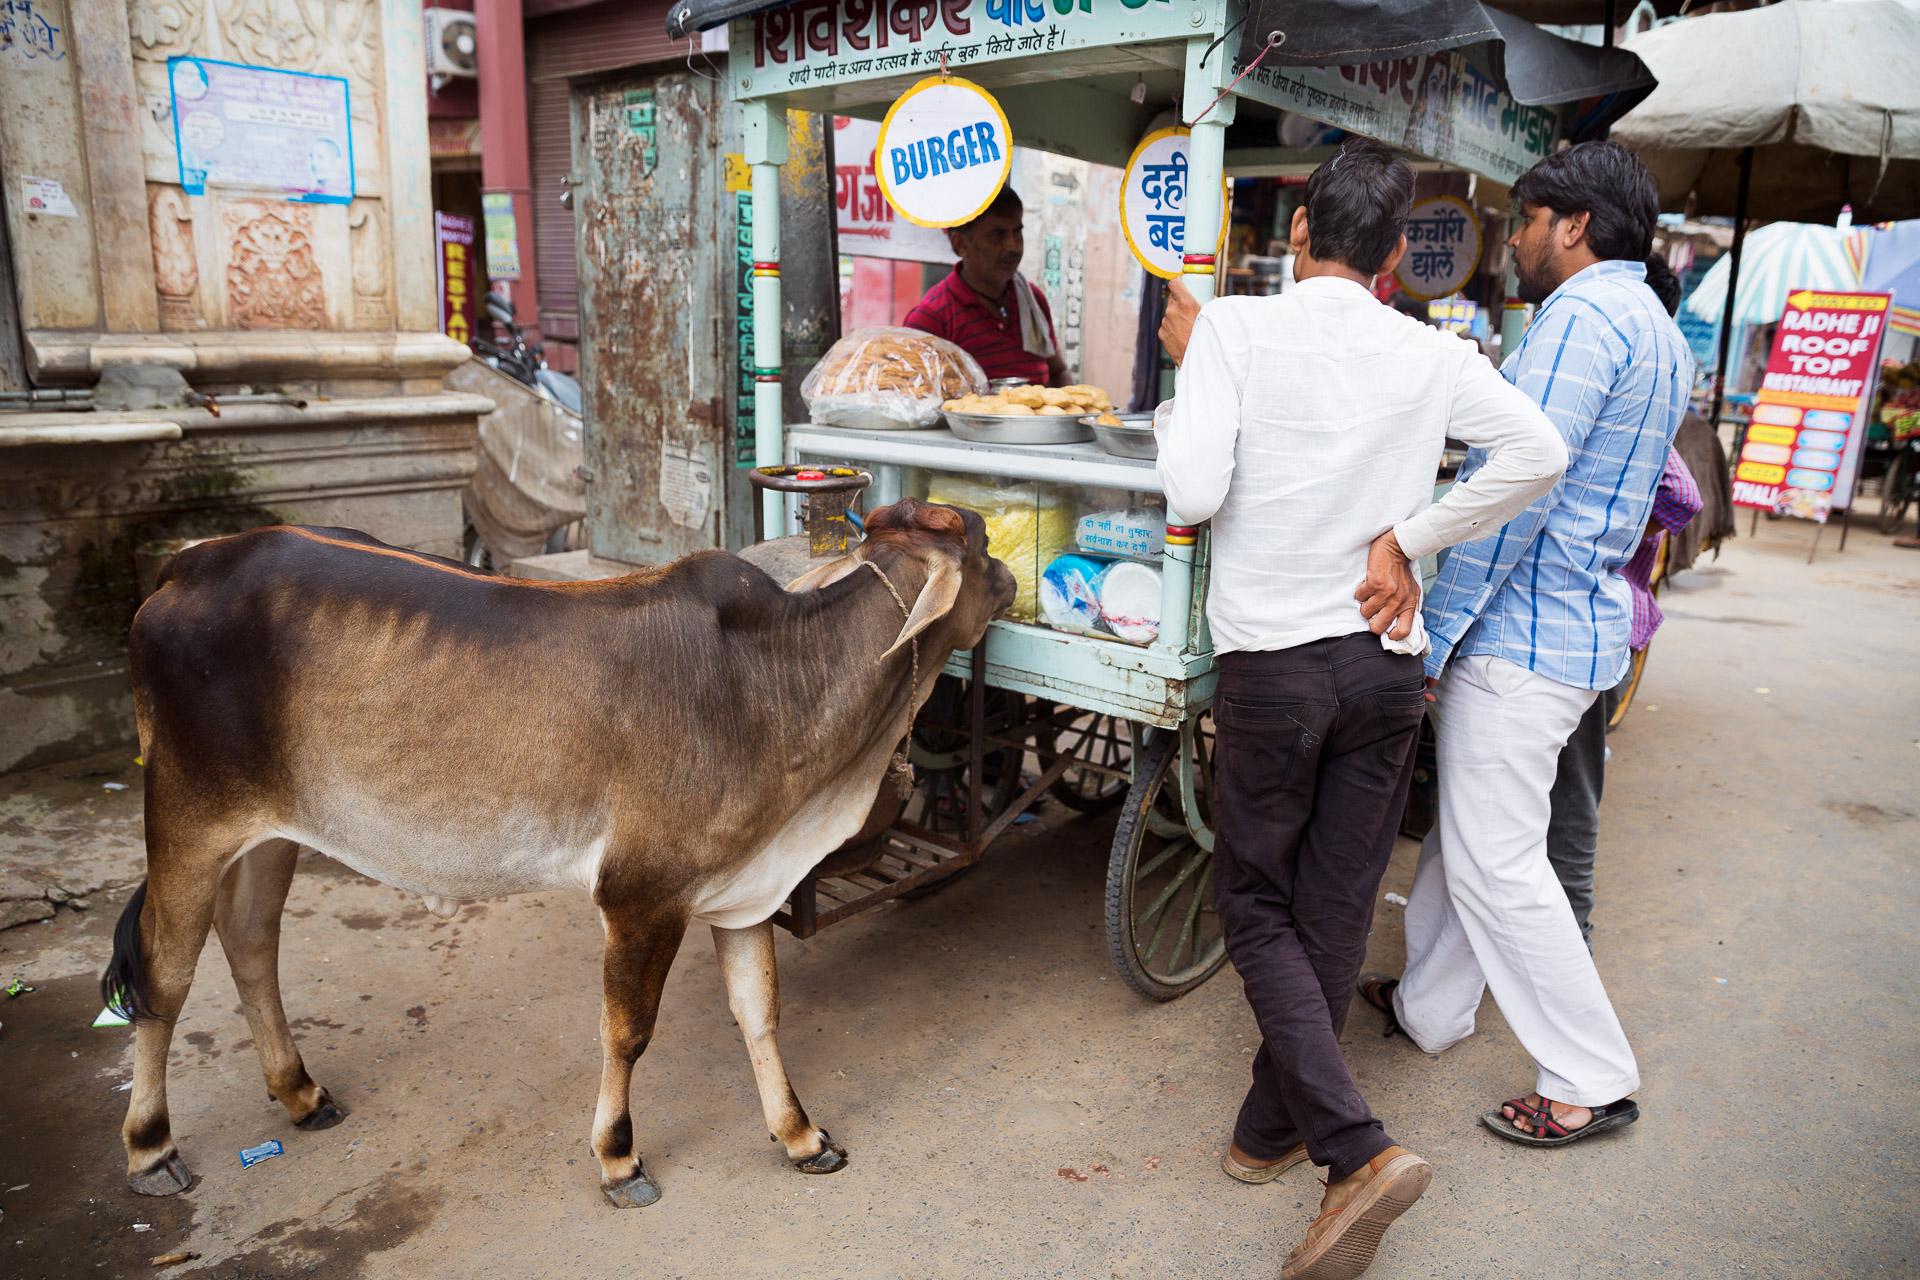 Eine heilige Kuh vor einem Burgerstand in Pushkar. Gut, dass die Inder sich fast ausschließlich vegetarisch ernähren.